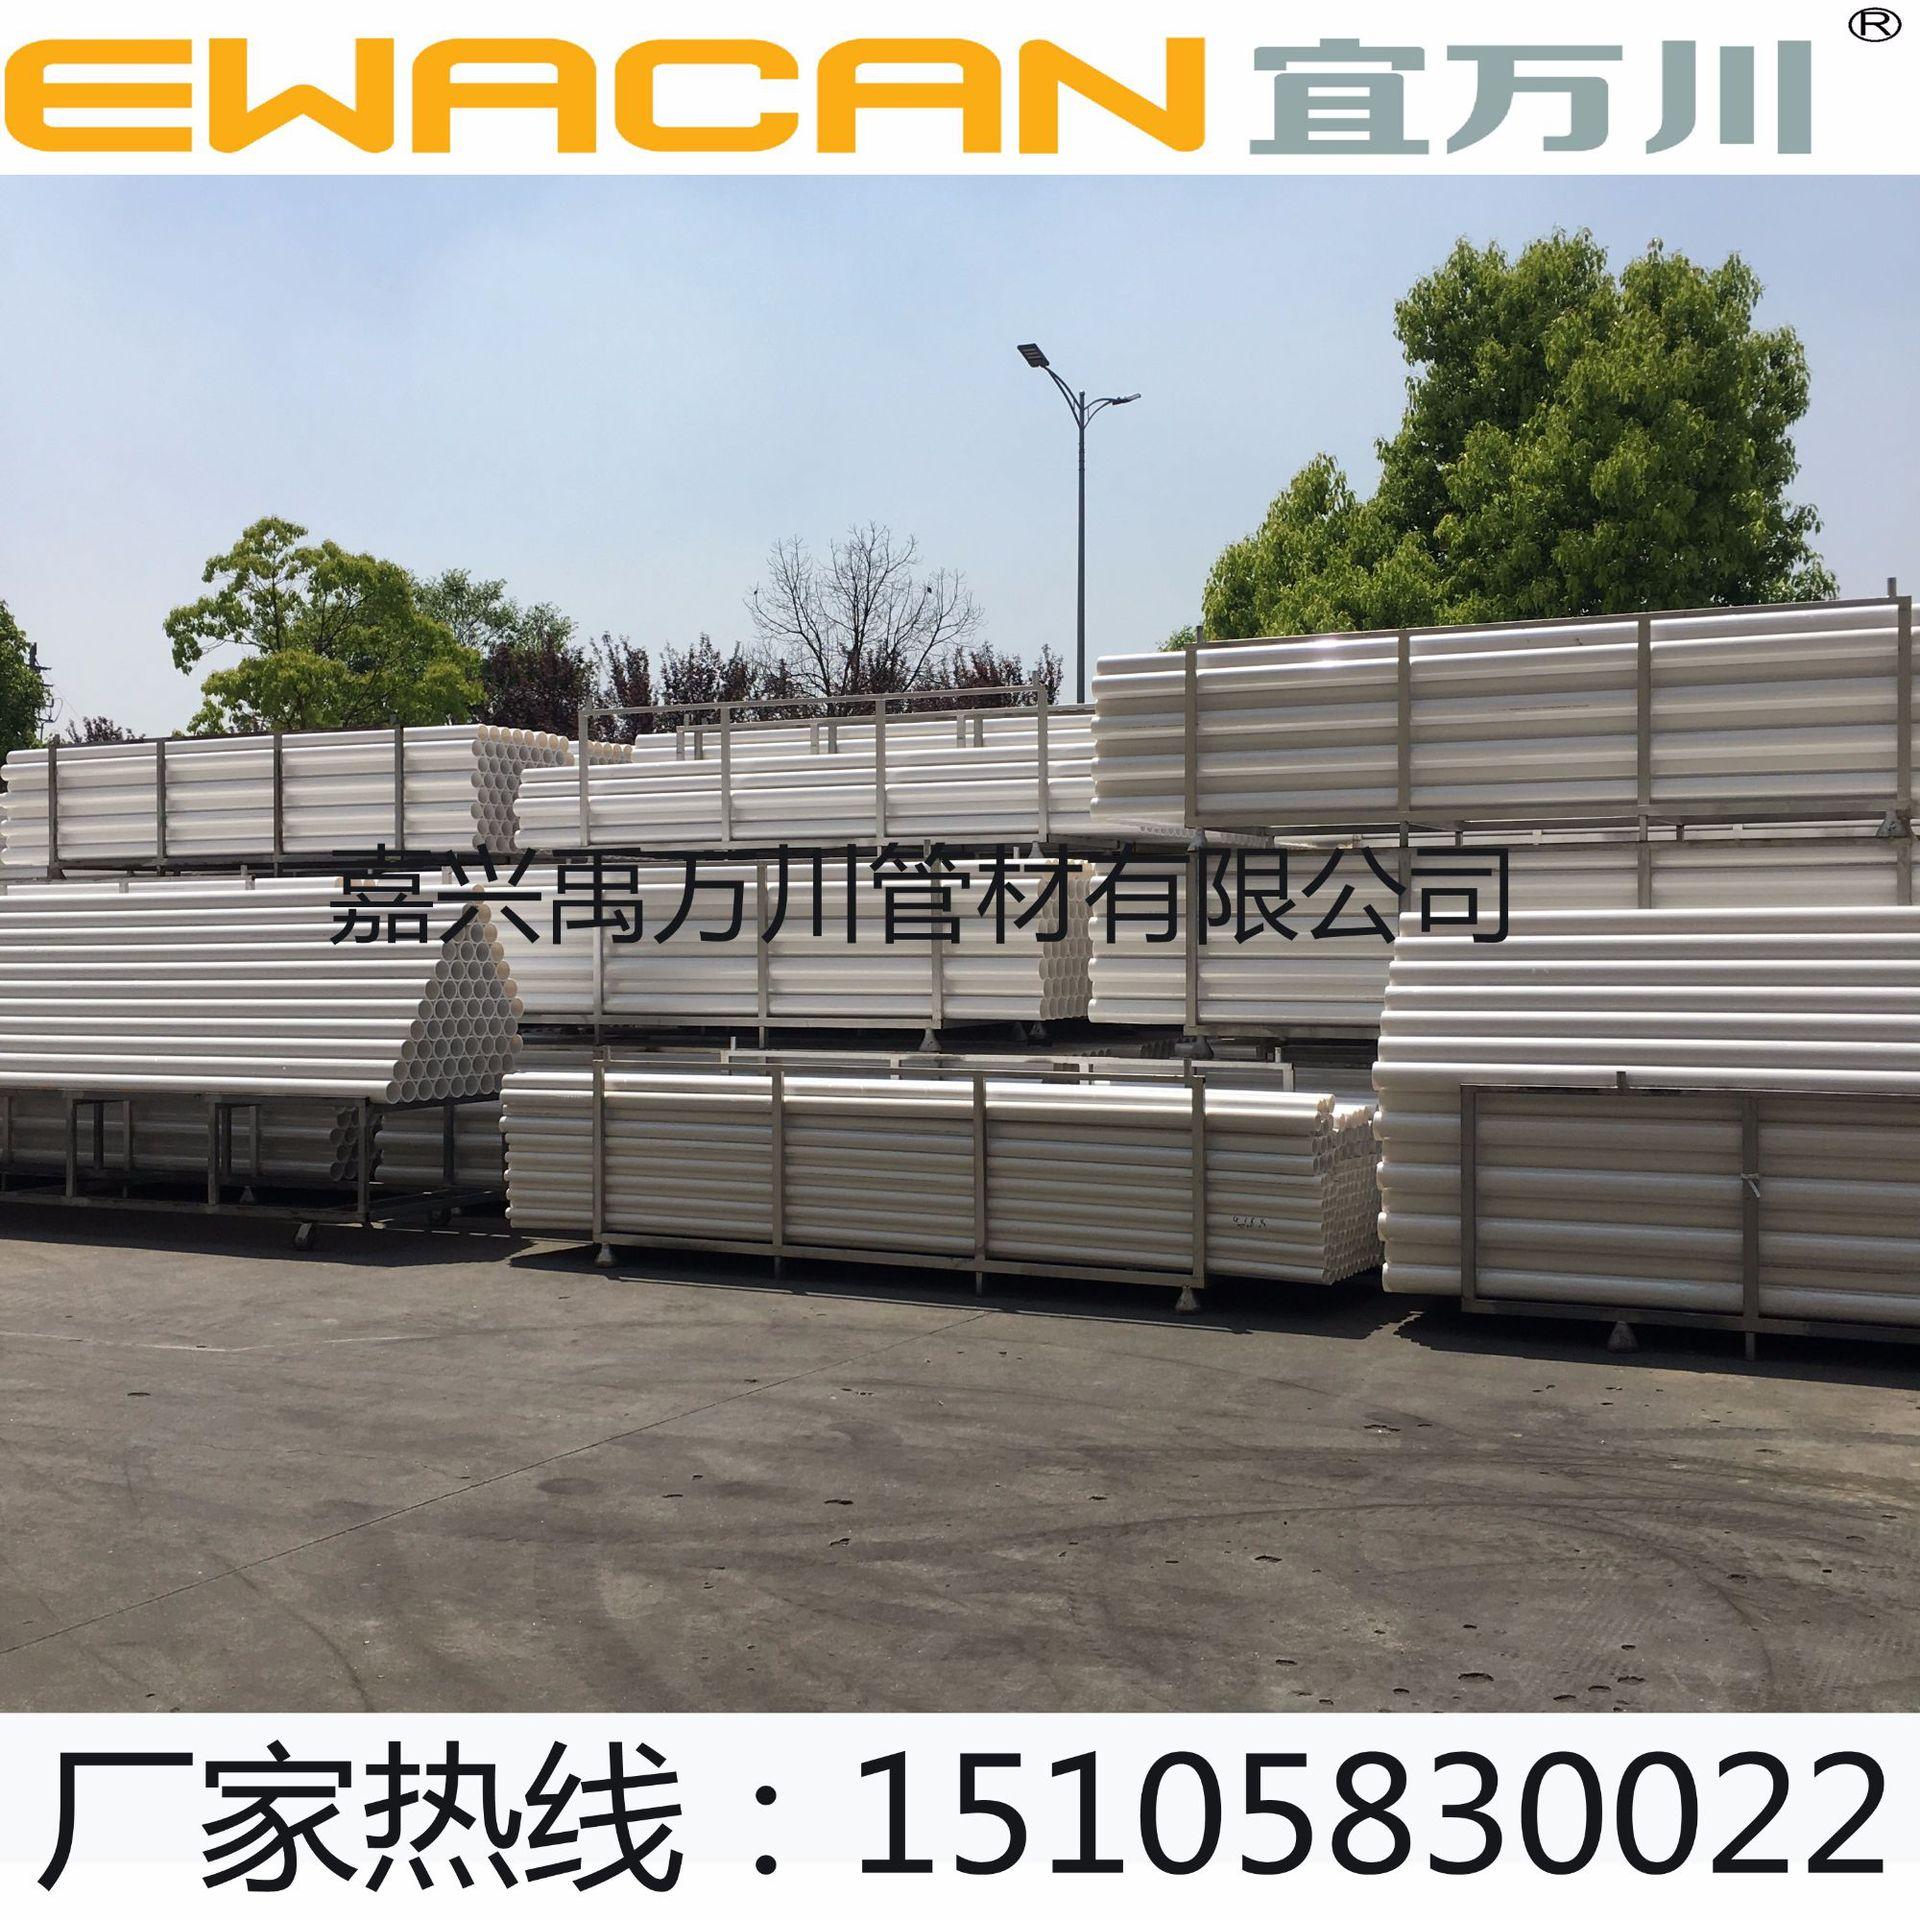 郑州HDPE沟槽式静音排水管,沟槽式排水管,卡箍连接,宜万川厂家示例图4